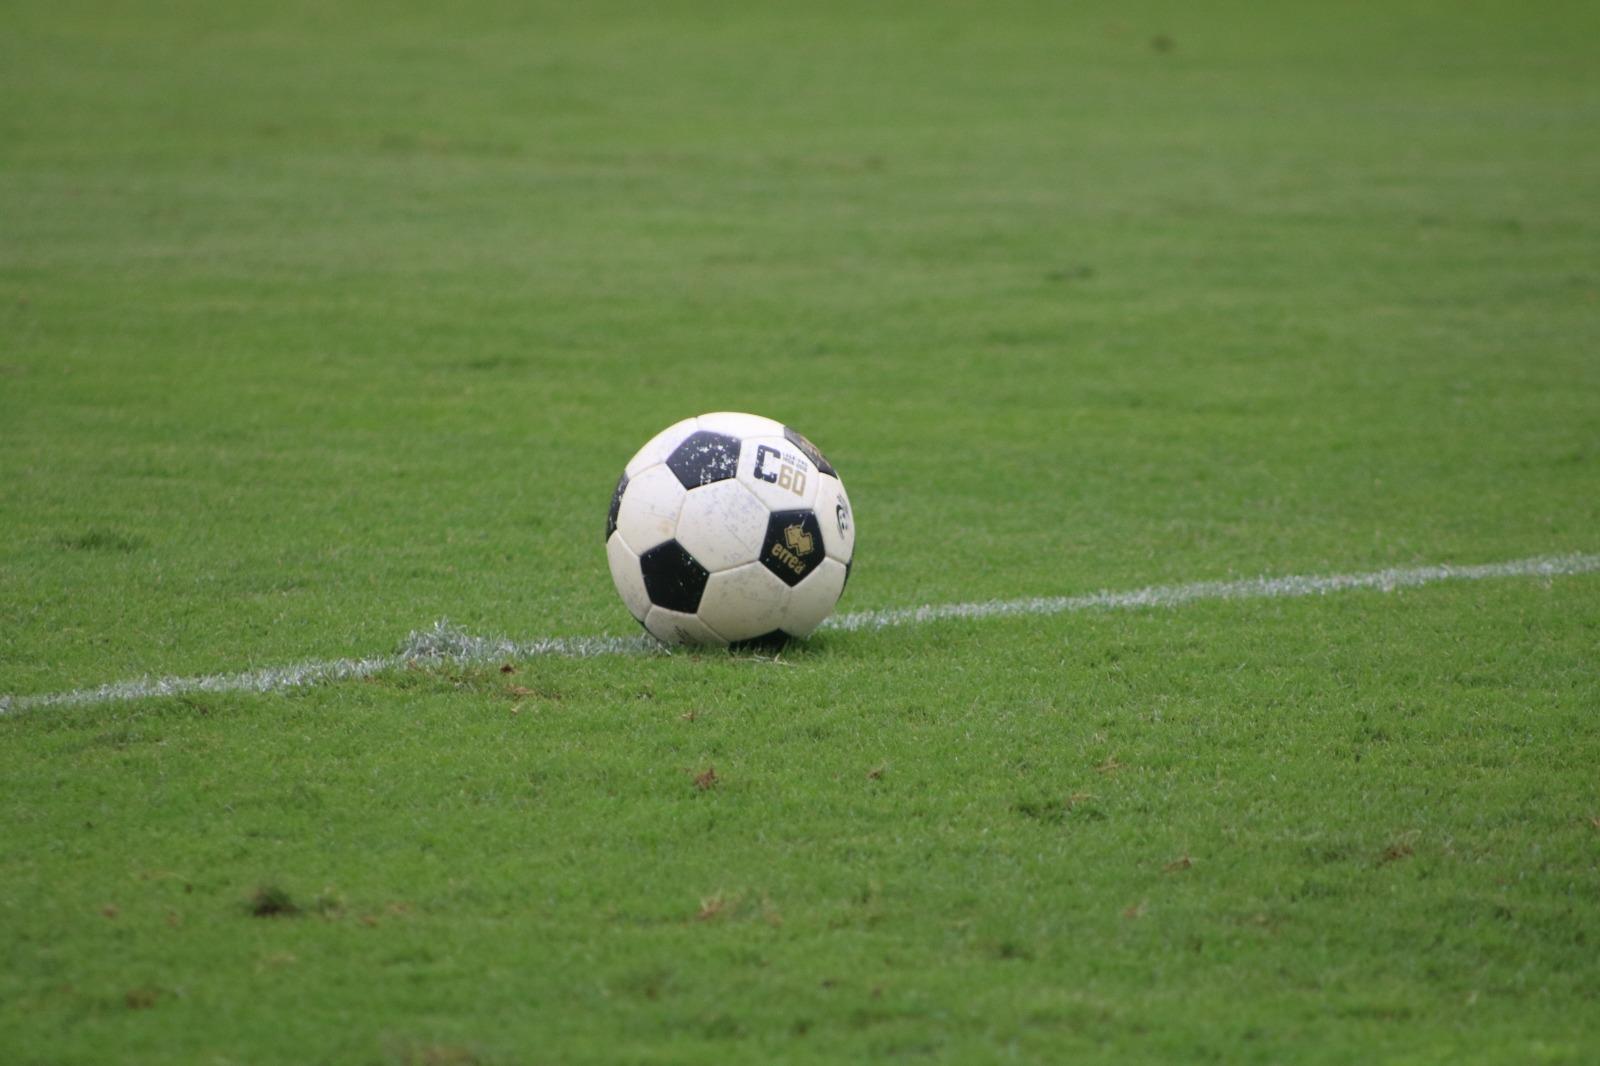 Calendario Pescara Calcio 2020.Calendario Campionato Berretti 2019 2020 Le Partite Del